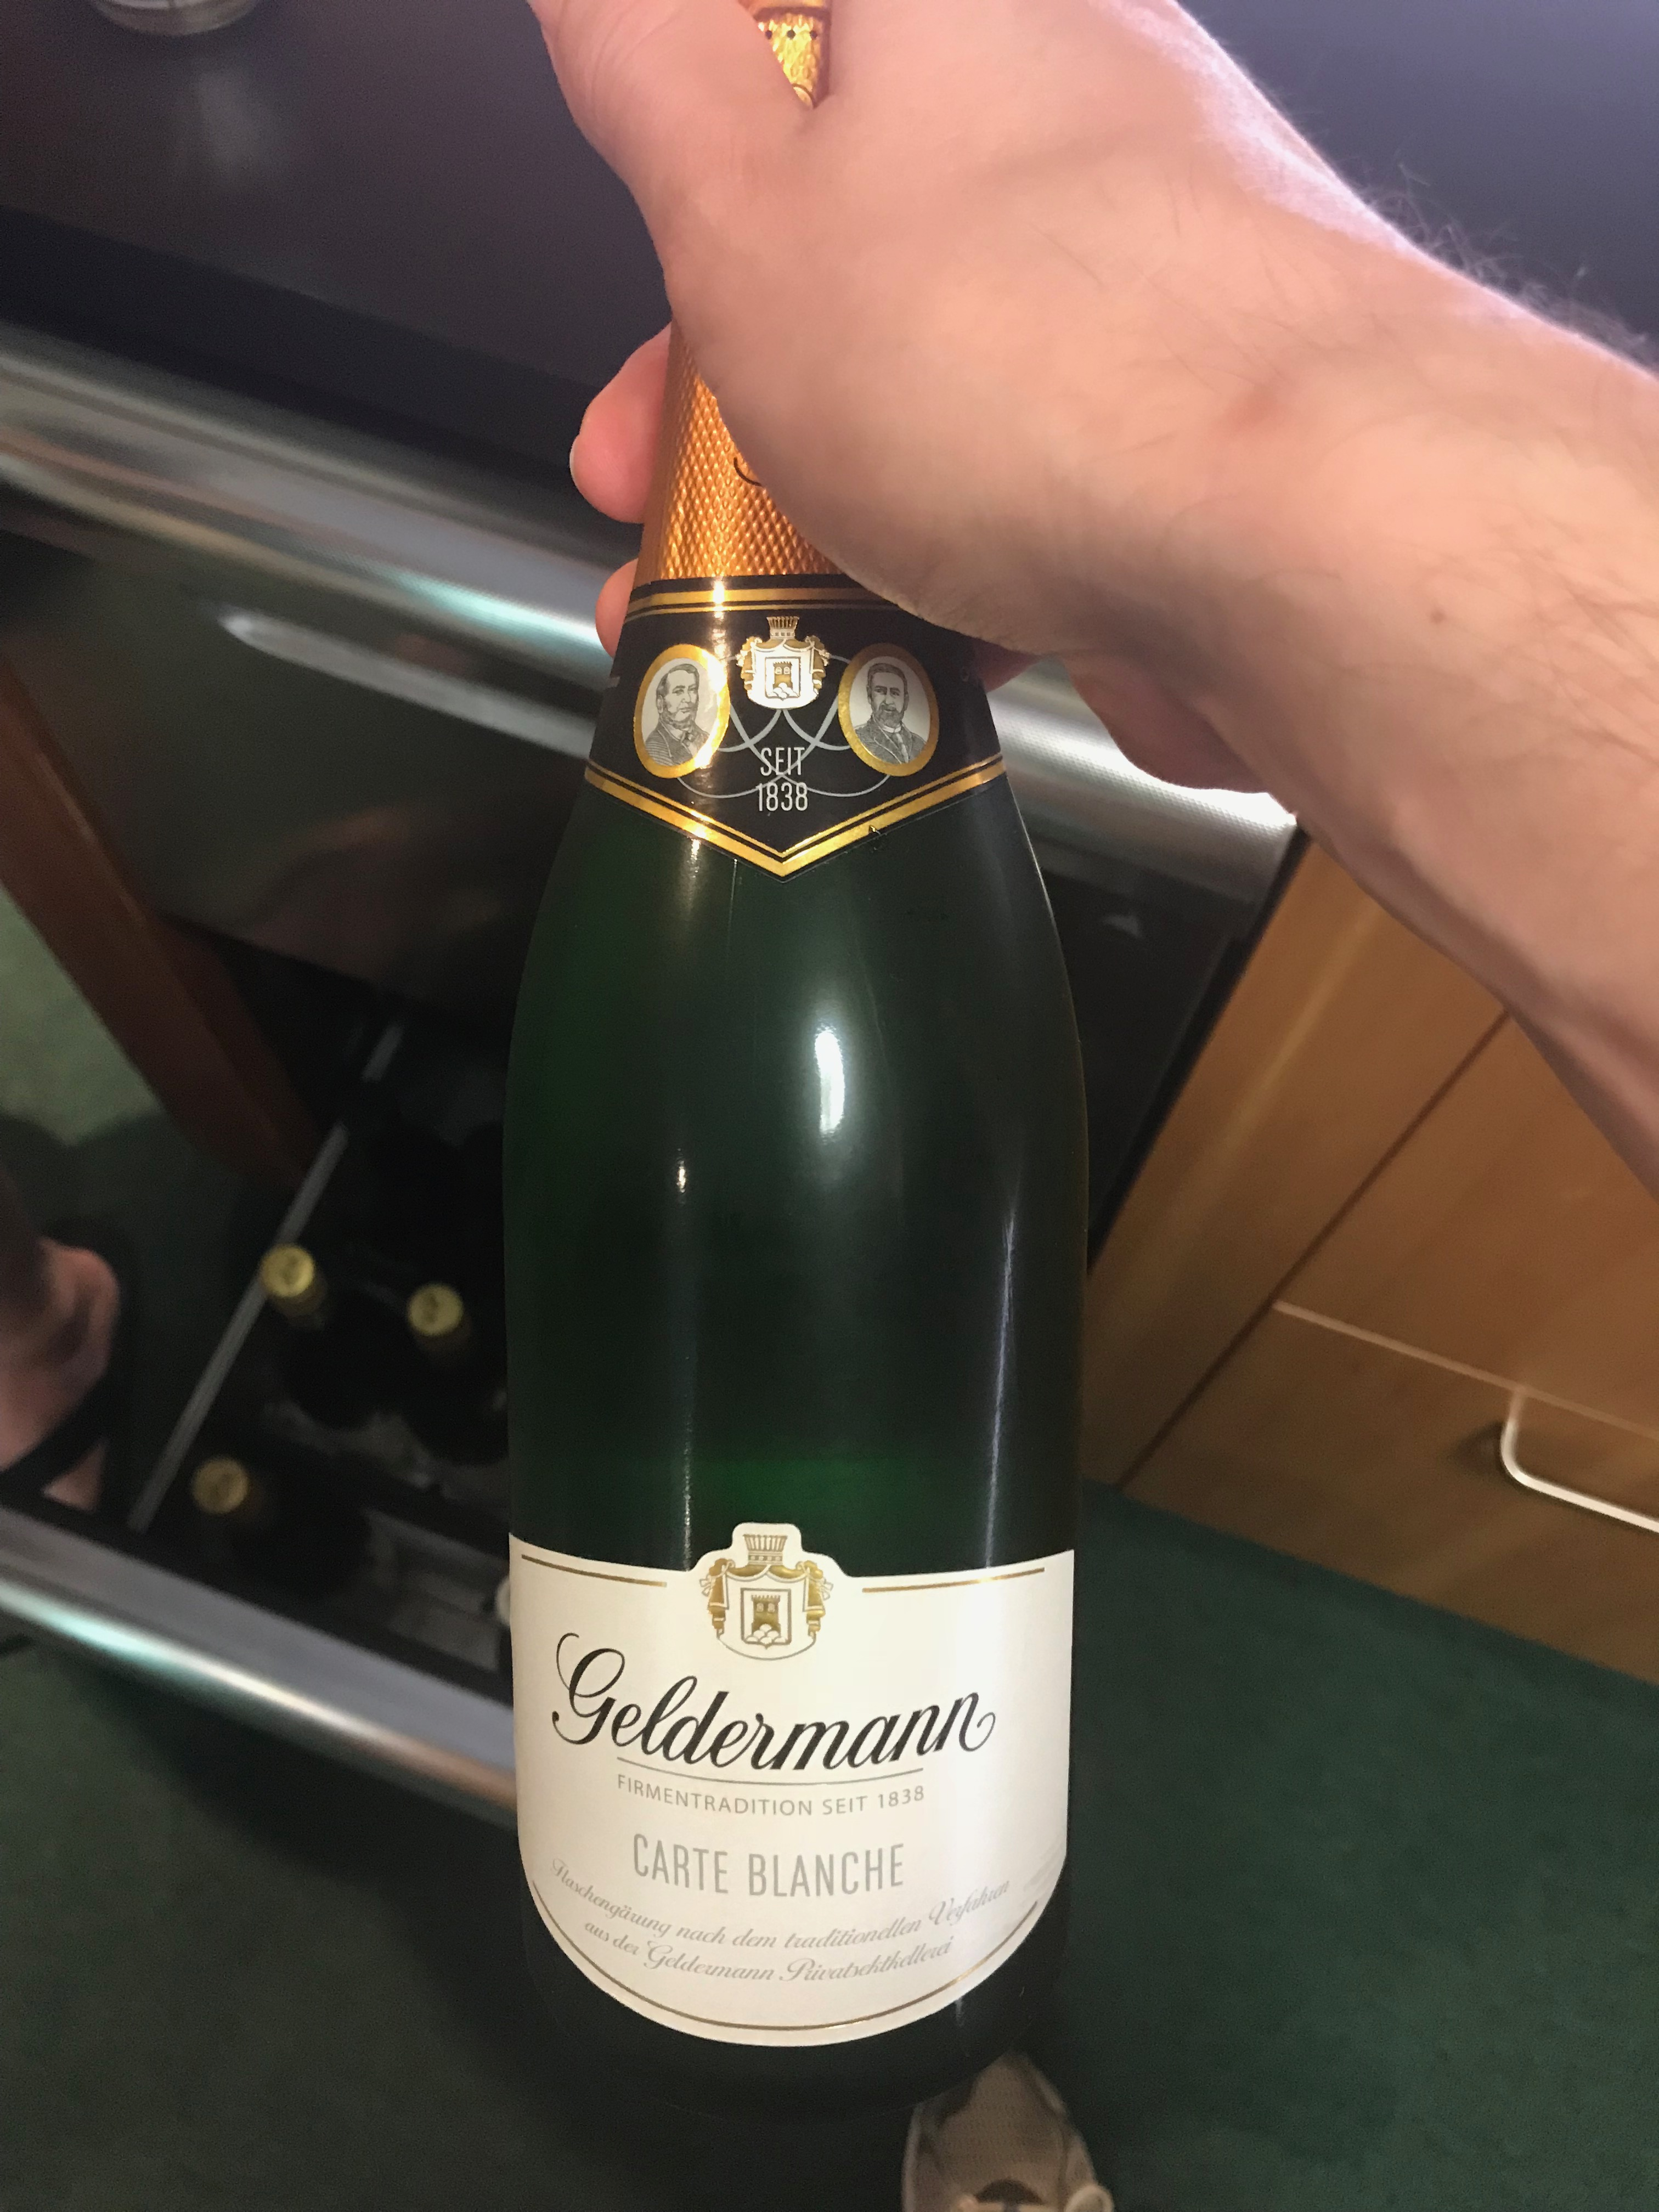 Champagne(ish)